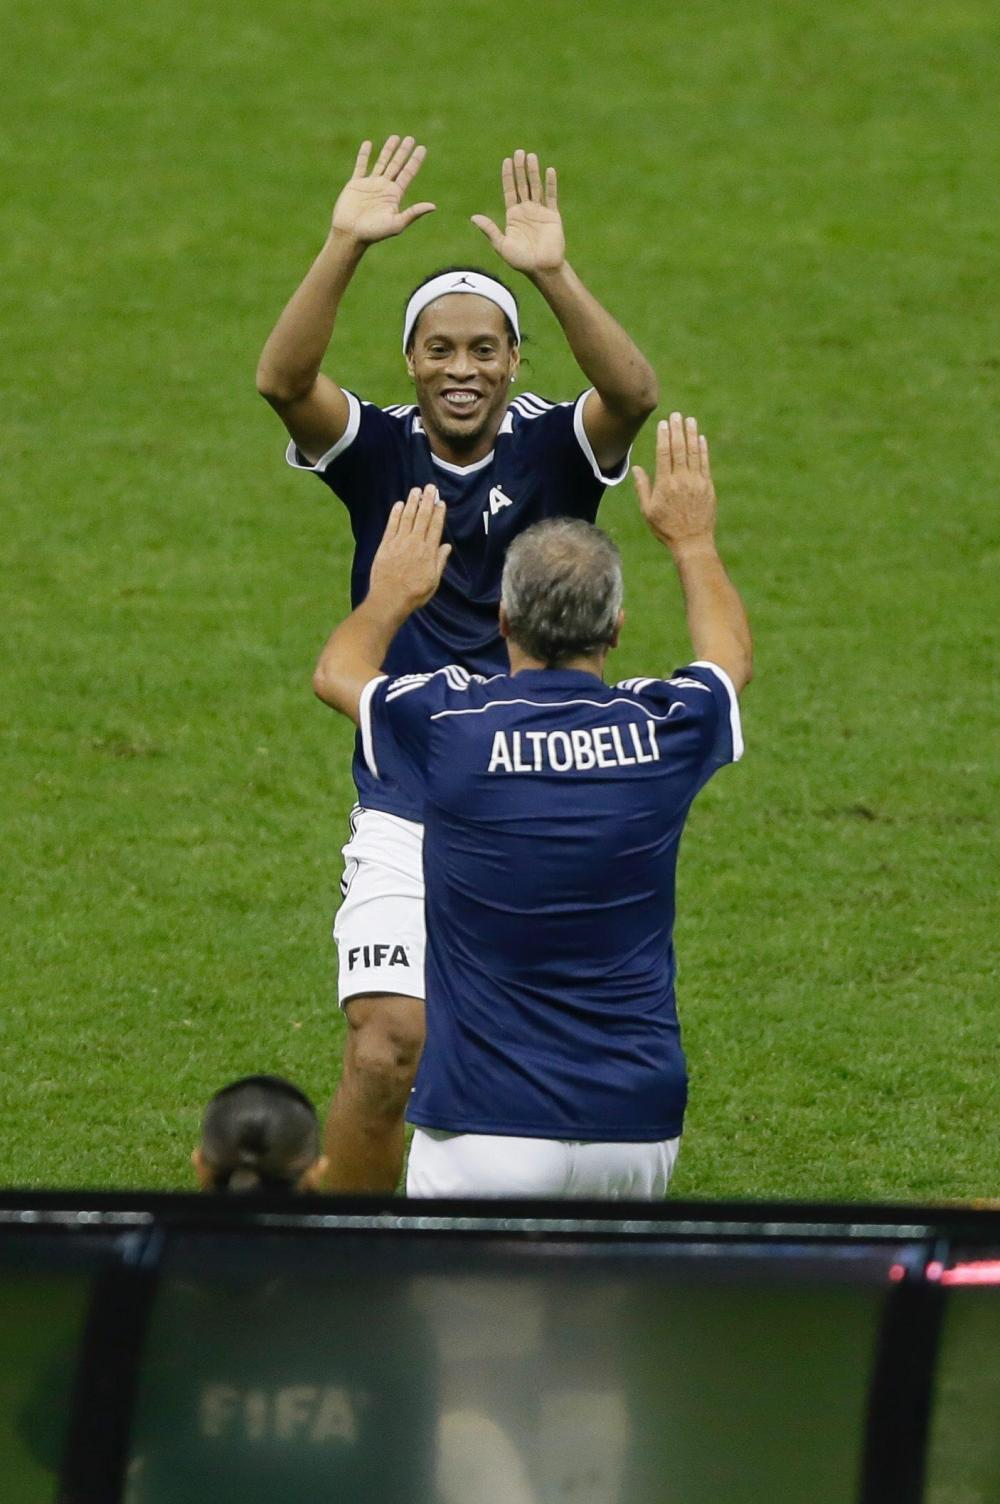 Fifa, All-Stars in campo in Messico: da Dinho ad Altobelli, che show